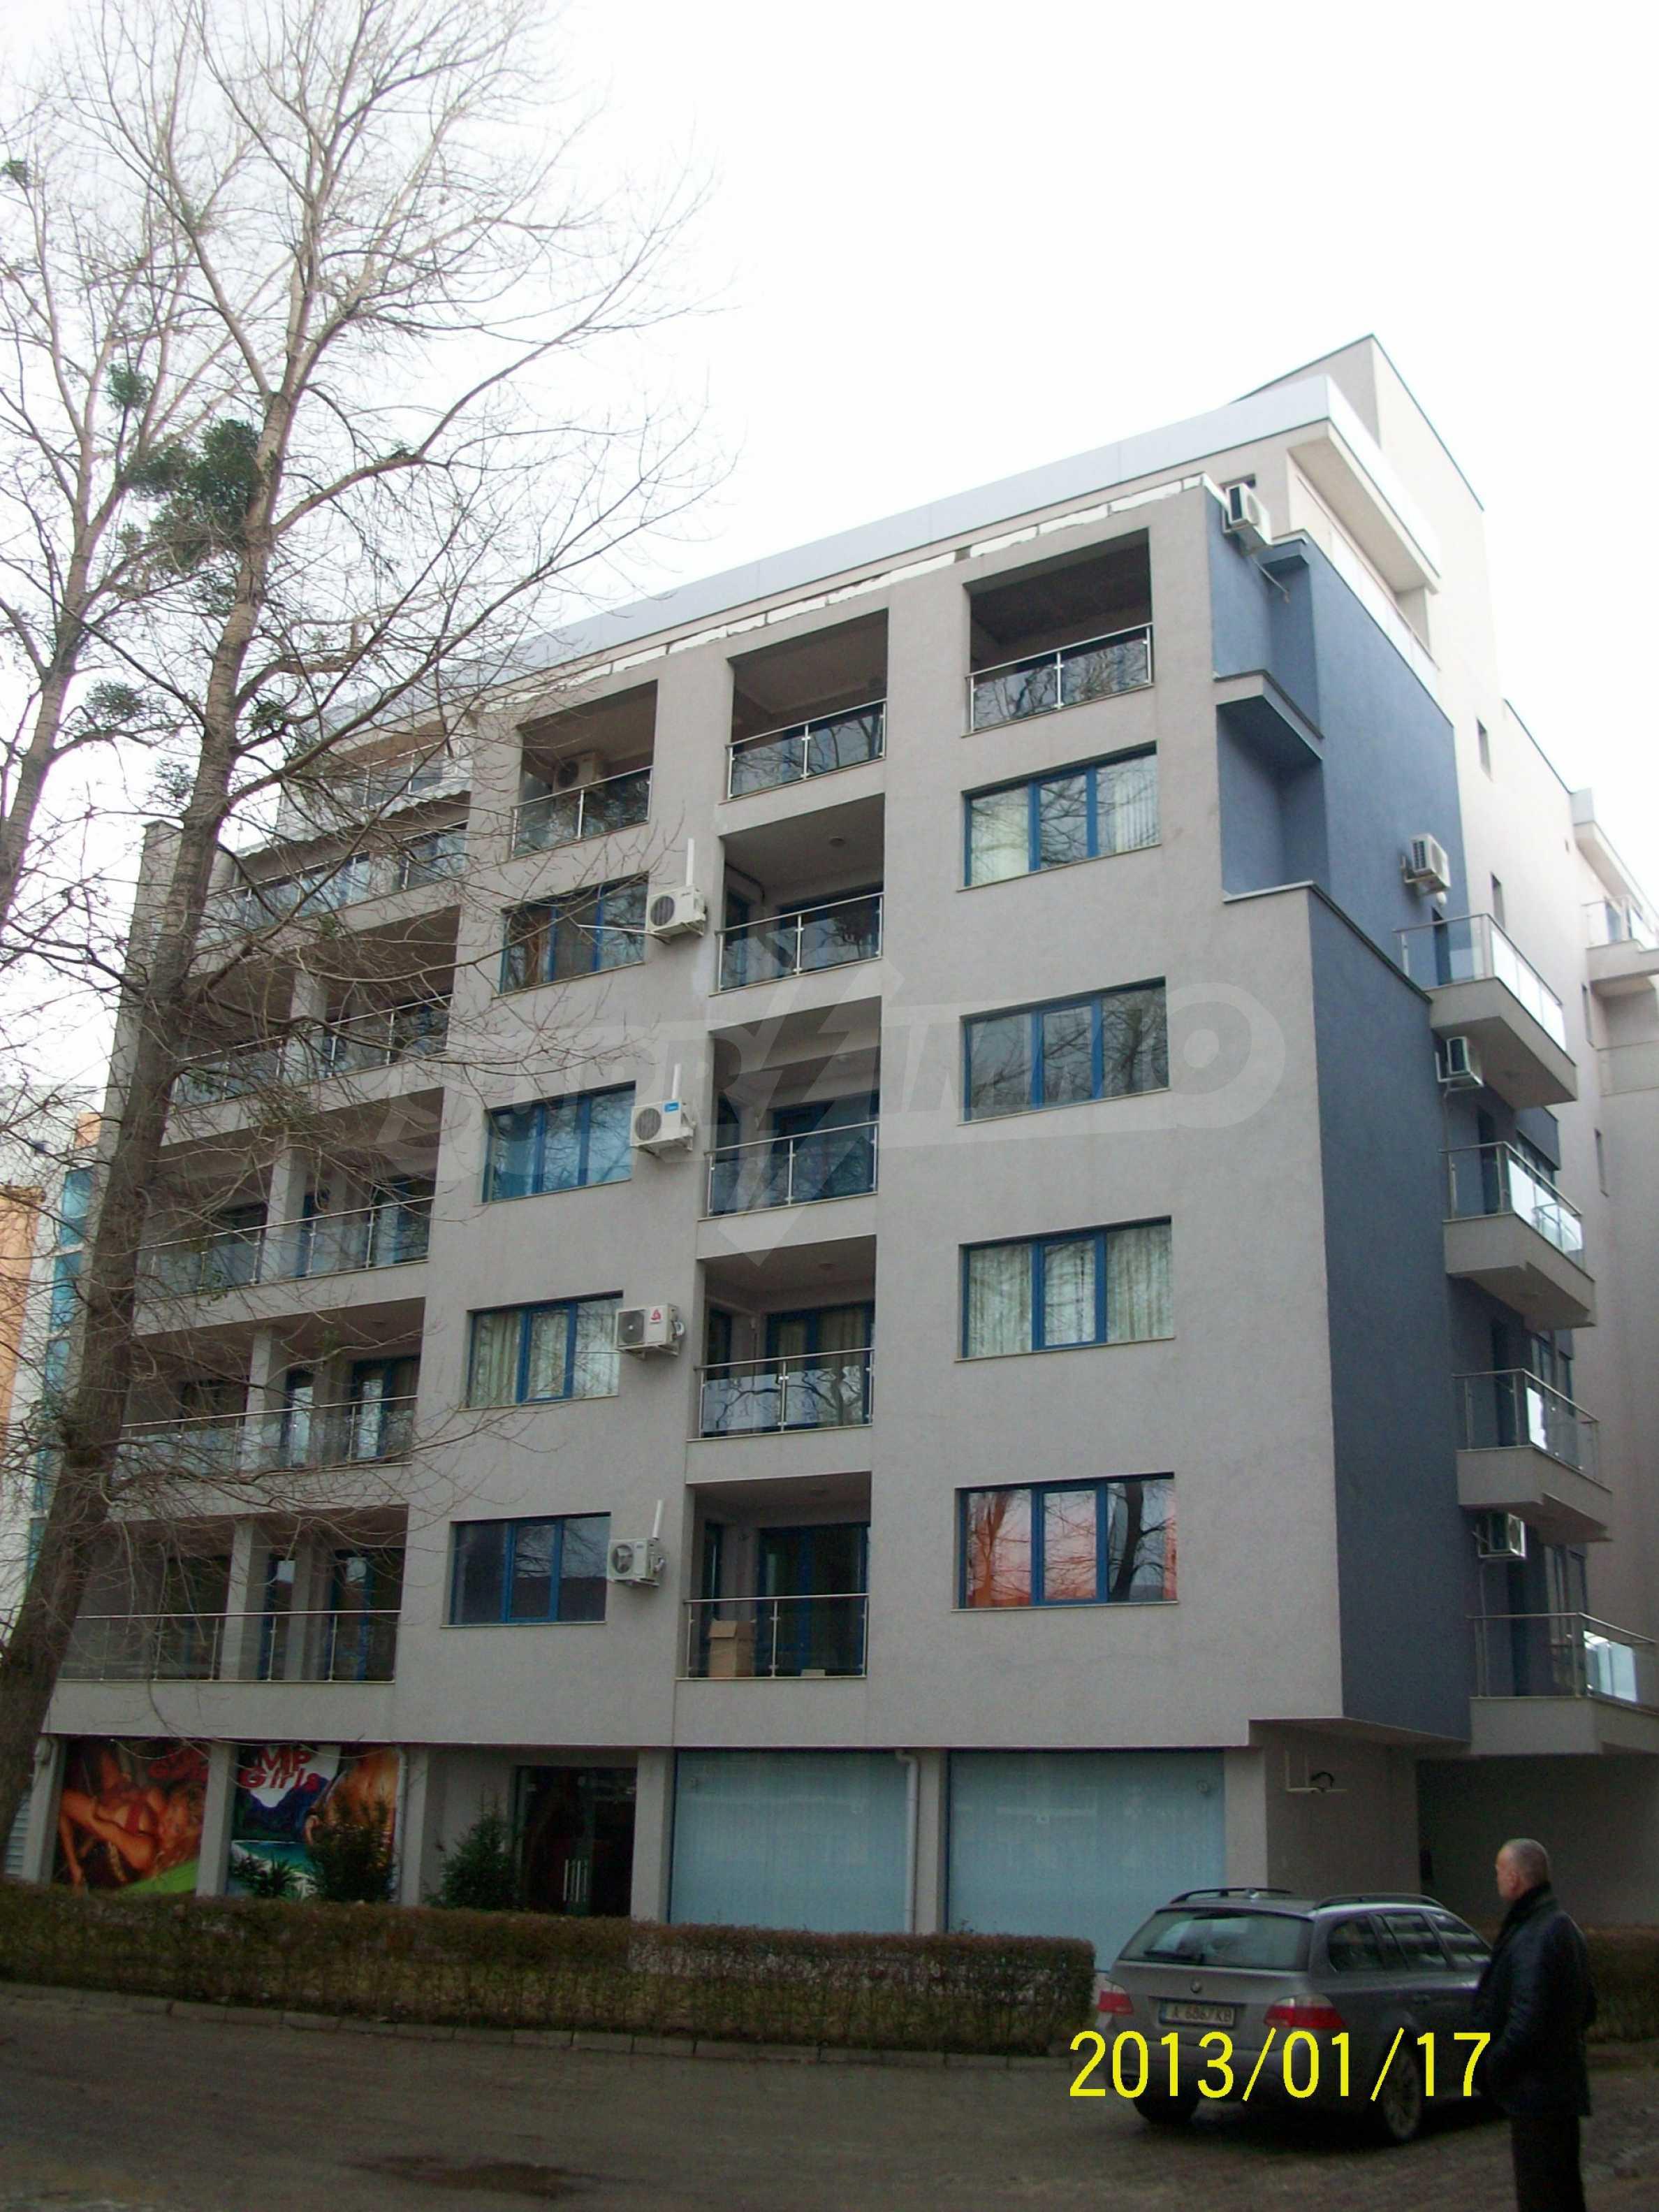 Wohnungen im Sommerkomplex in Sunny Beach 2